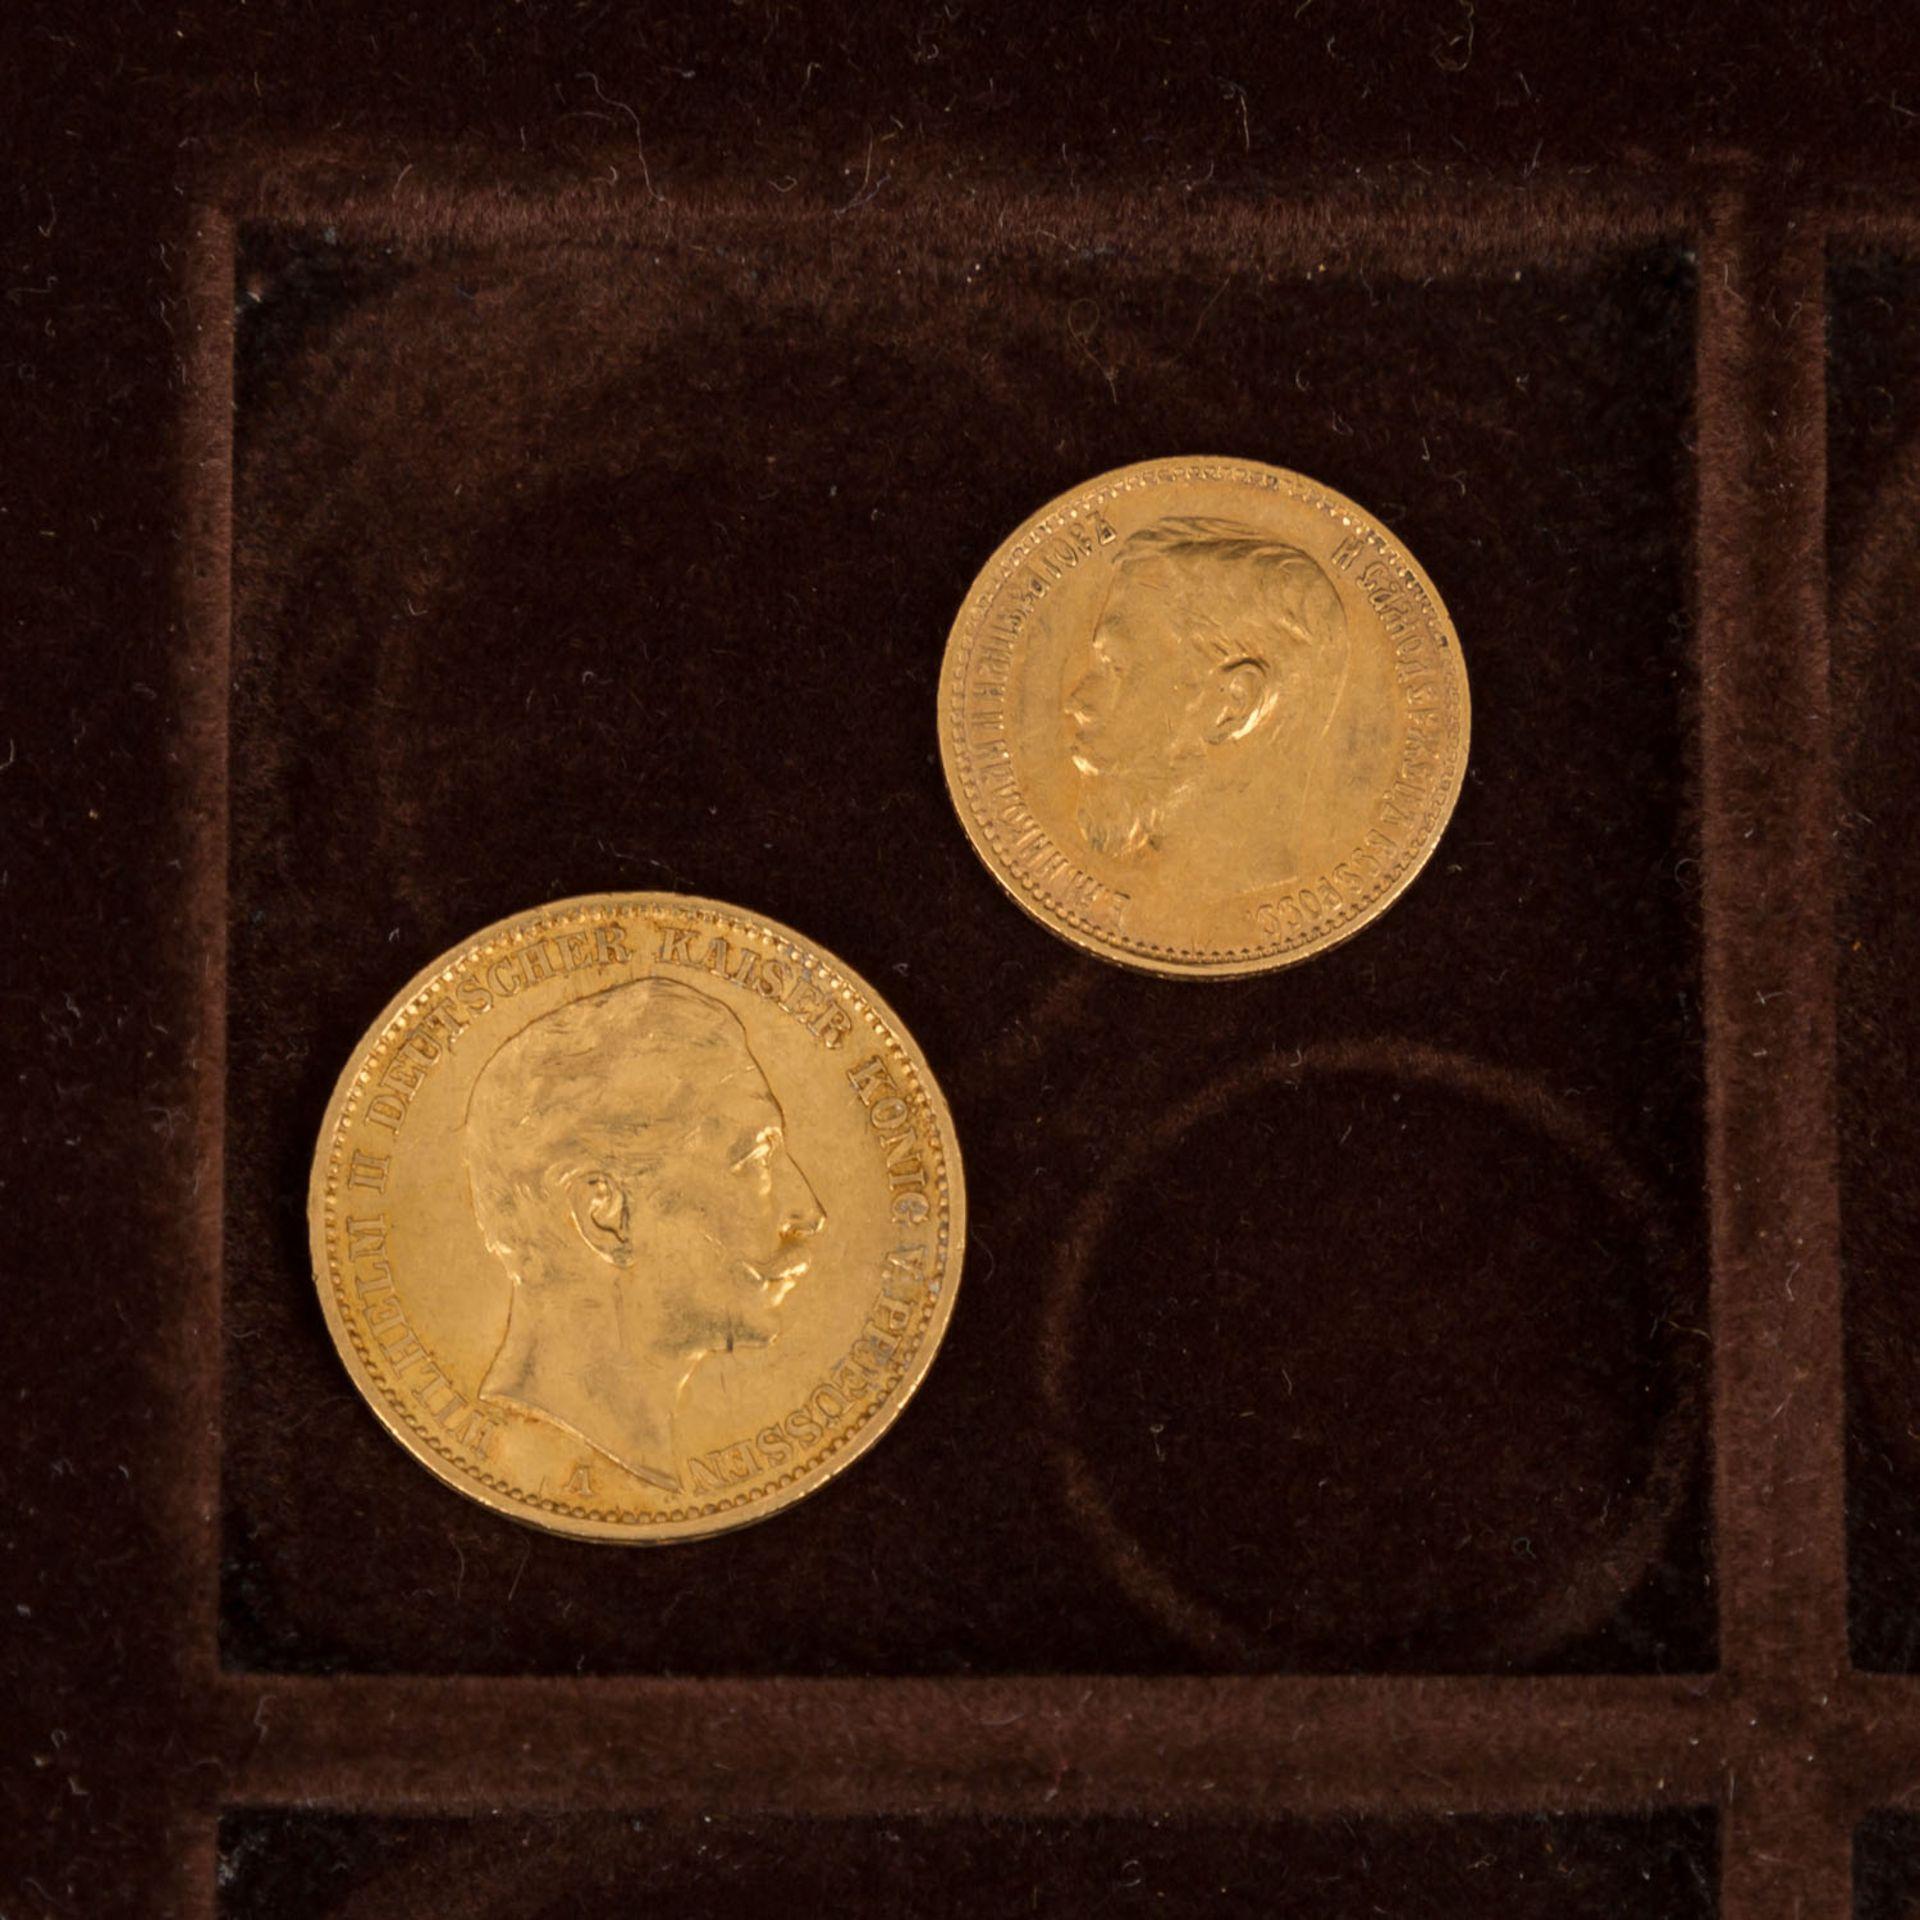 GOLDSCHATZ ca. 83 g fein, Holzkiste bestehend aus - Bild 8 aus 9